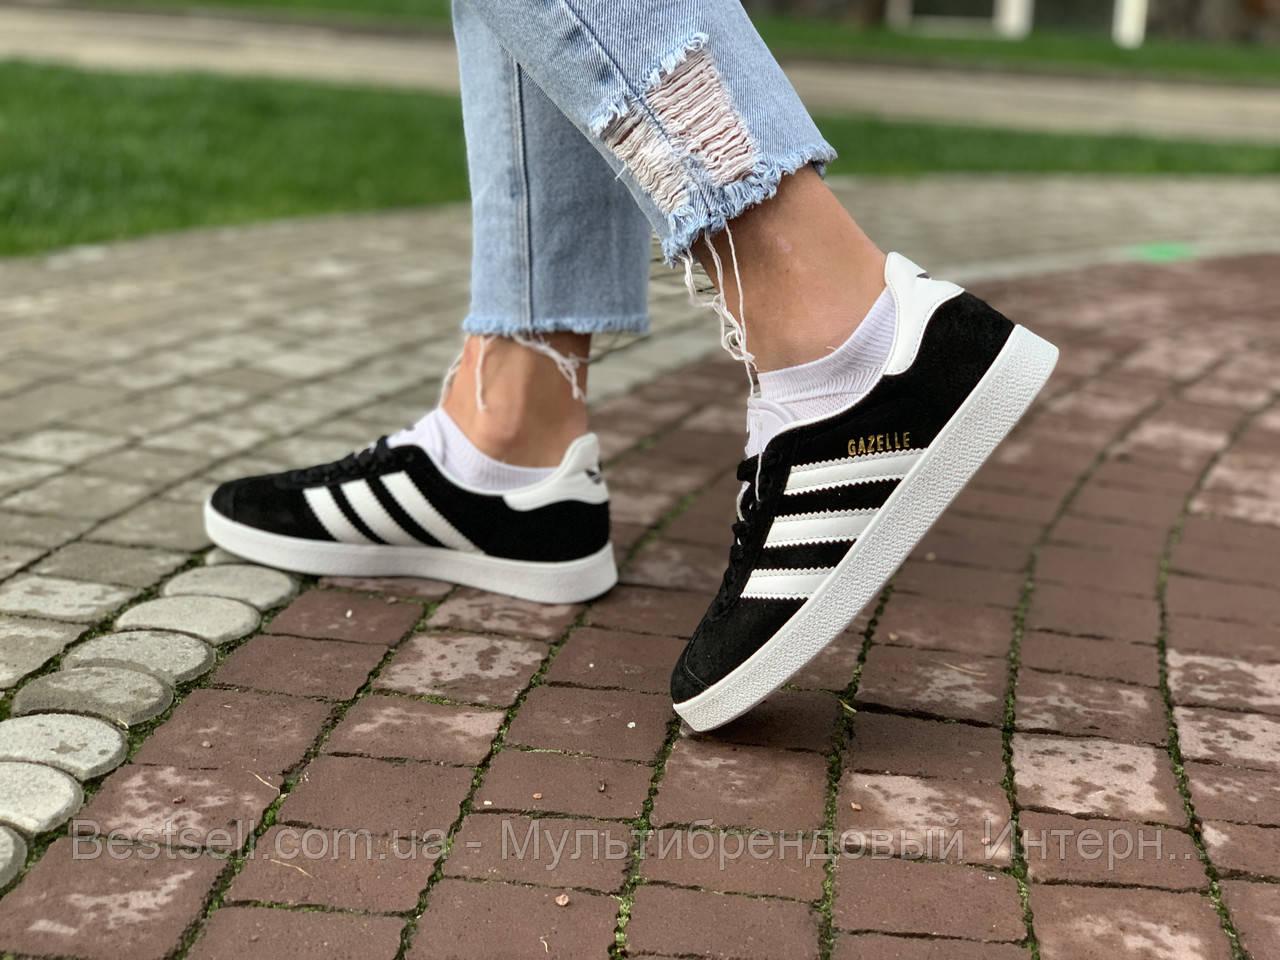 Кросівки натуральна замша Adidas Gazelle Адідас Газель (36,37,38,39,41)